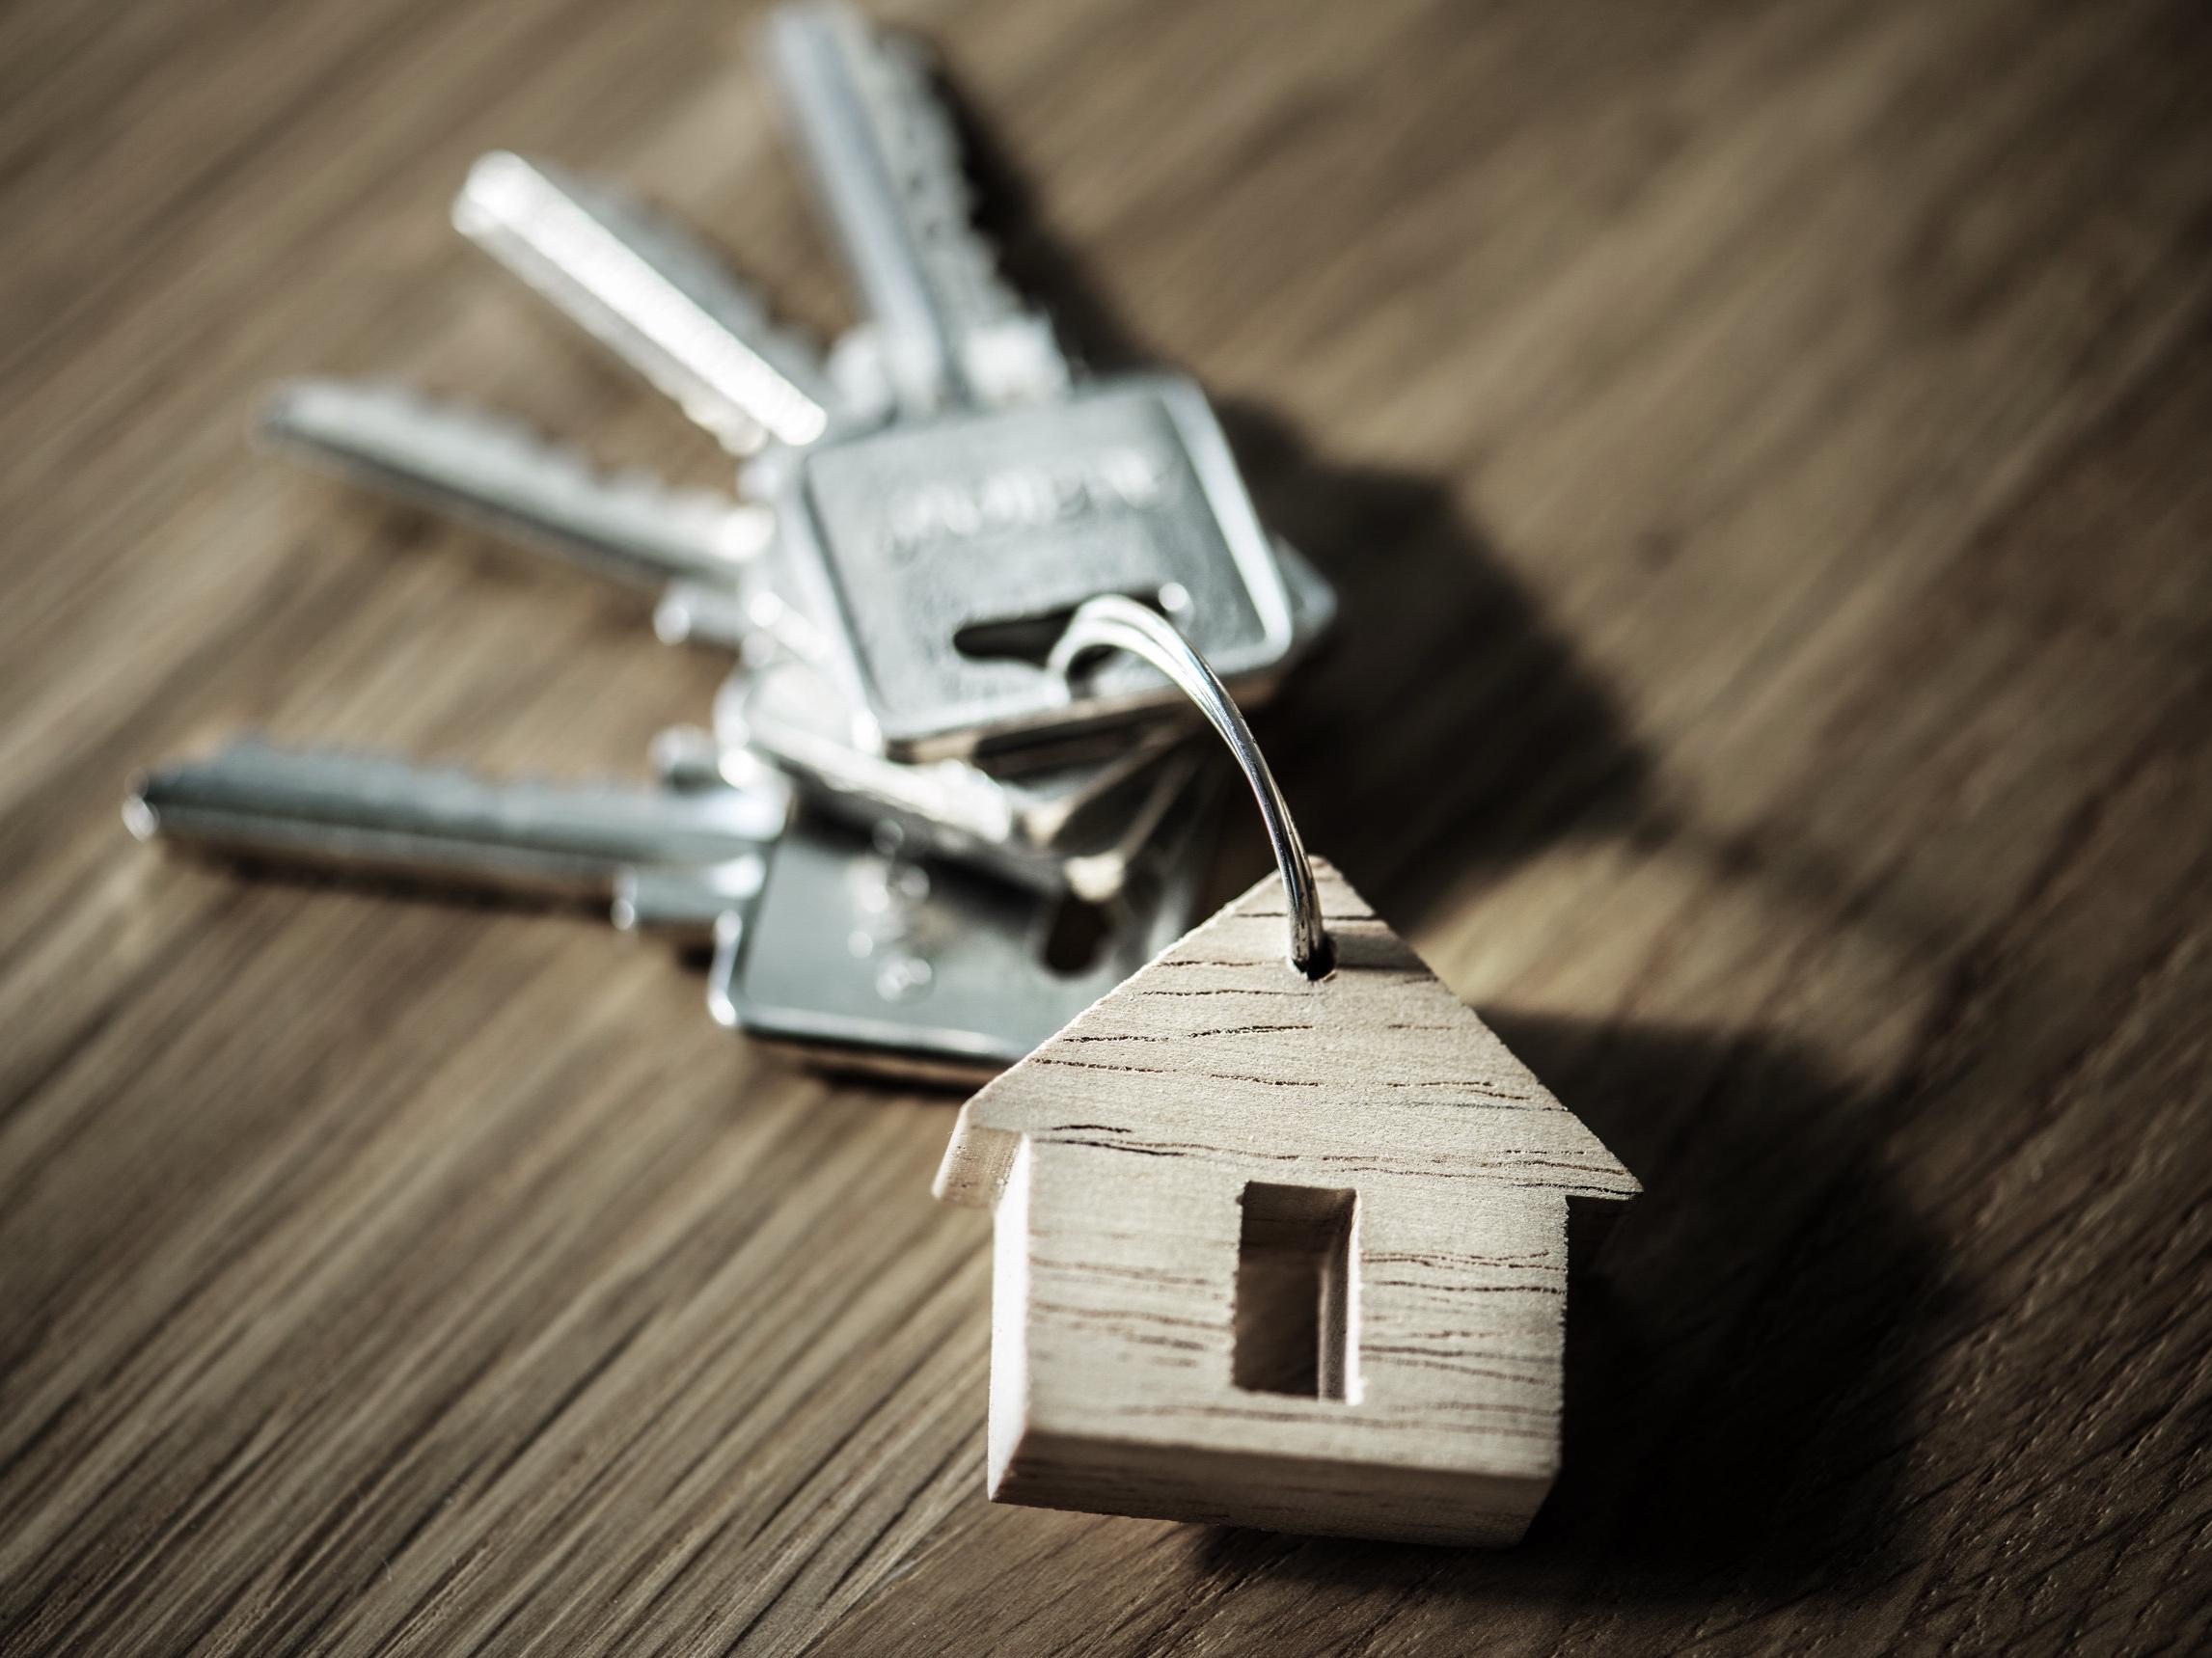 Verträge & Anmeldung - Nachdem wir Ihr neues Zuhause gefunden haben, regeln wir sämtliche Verträge und behördliche Anmeldungen. Sie werden von uns durch den gesamten Prozess begleitet – Sie brauchen sich um nichts zu kümmern.